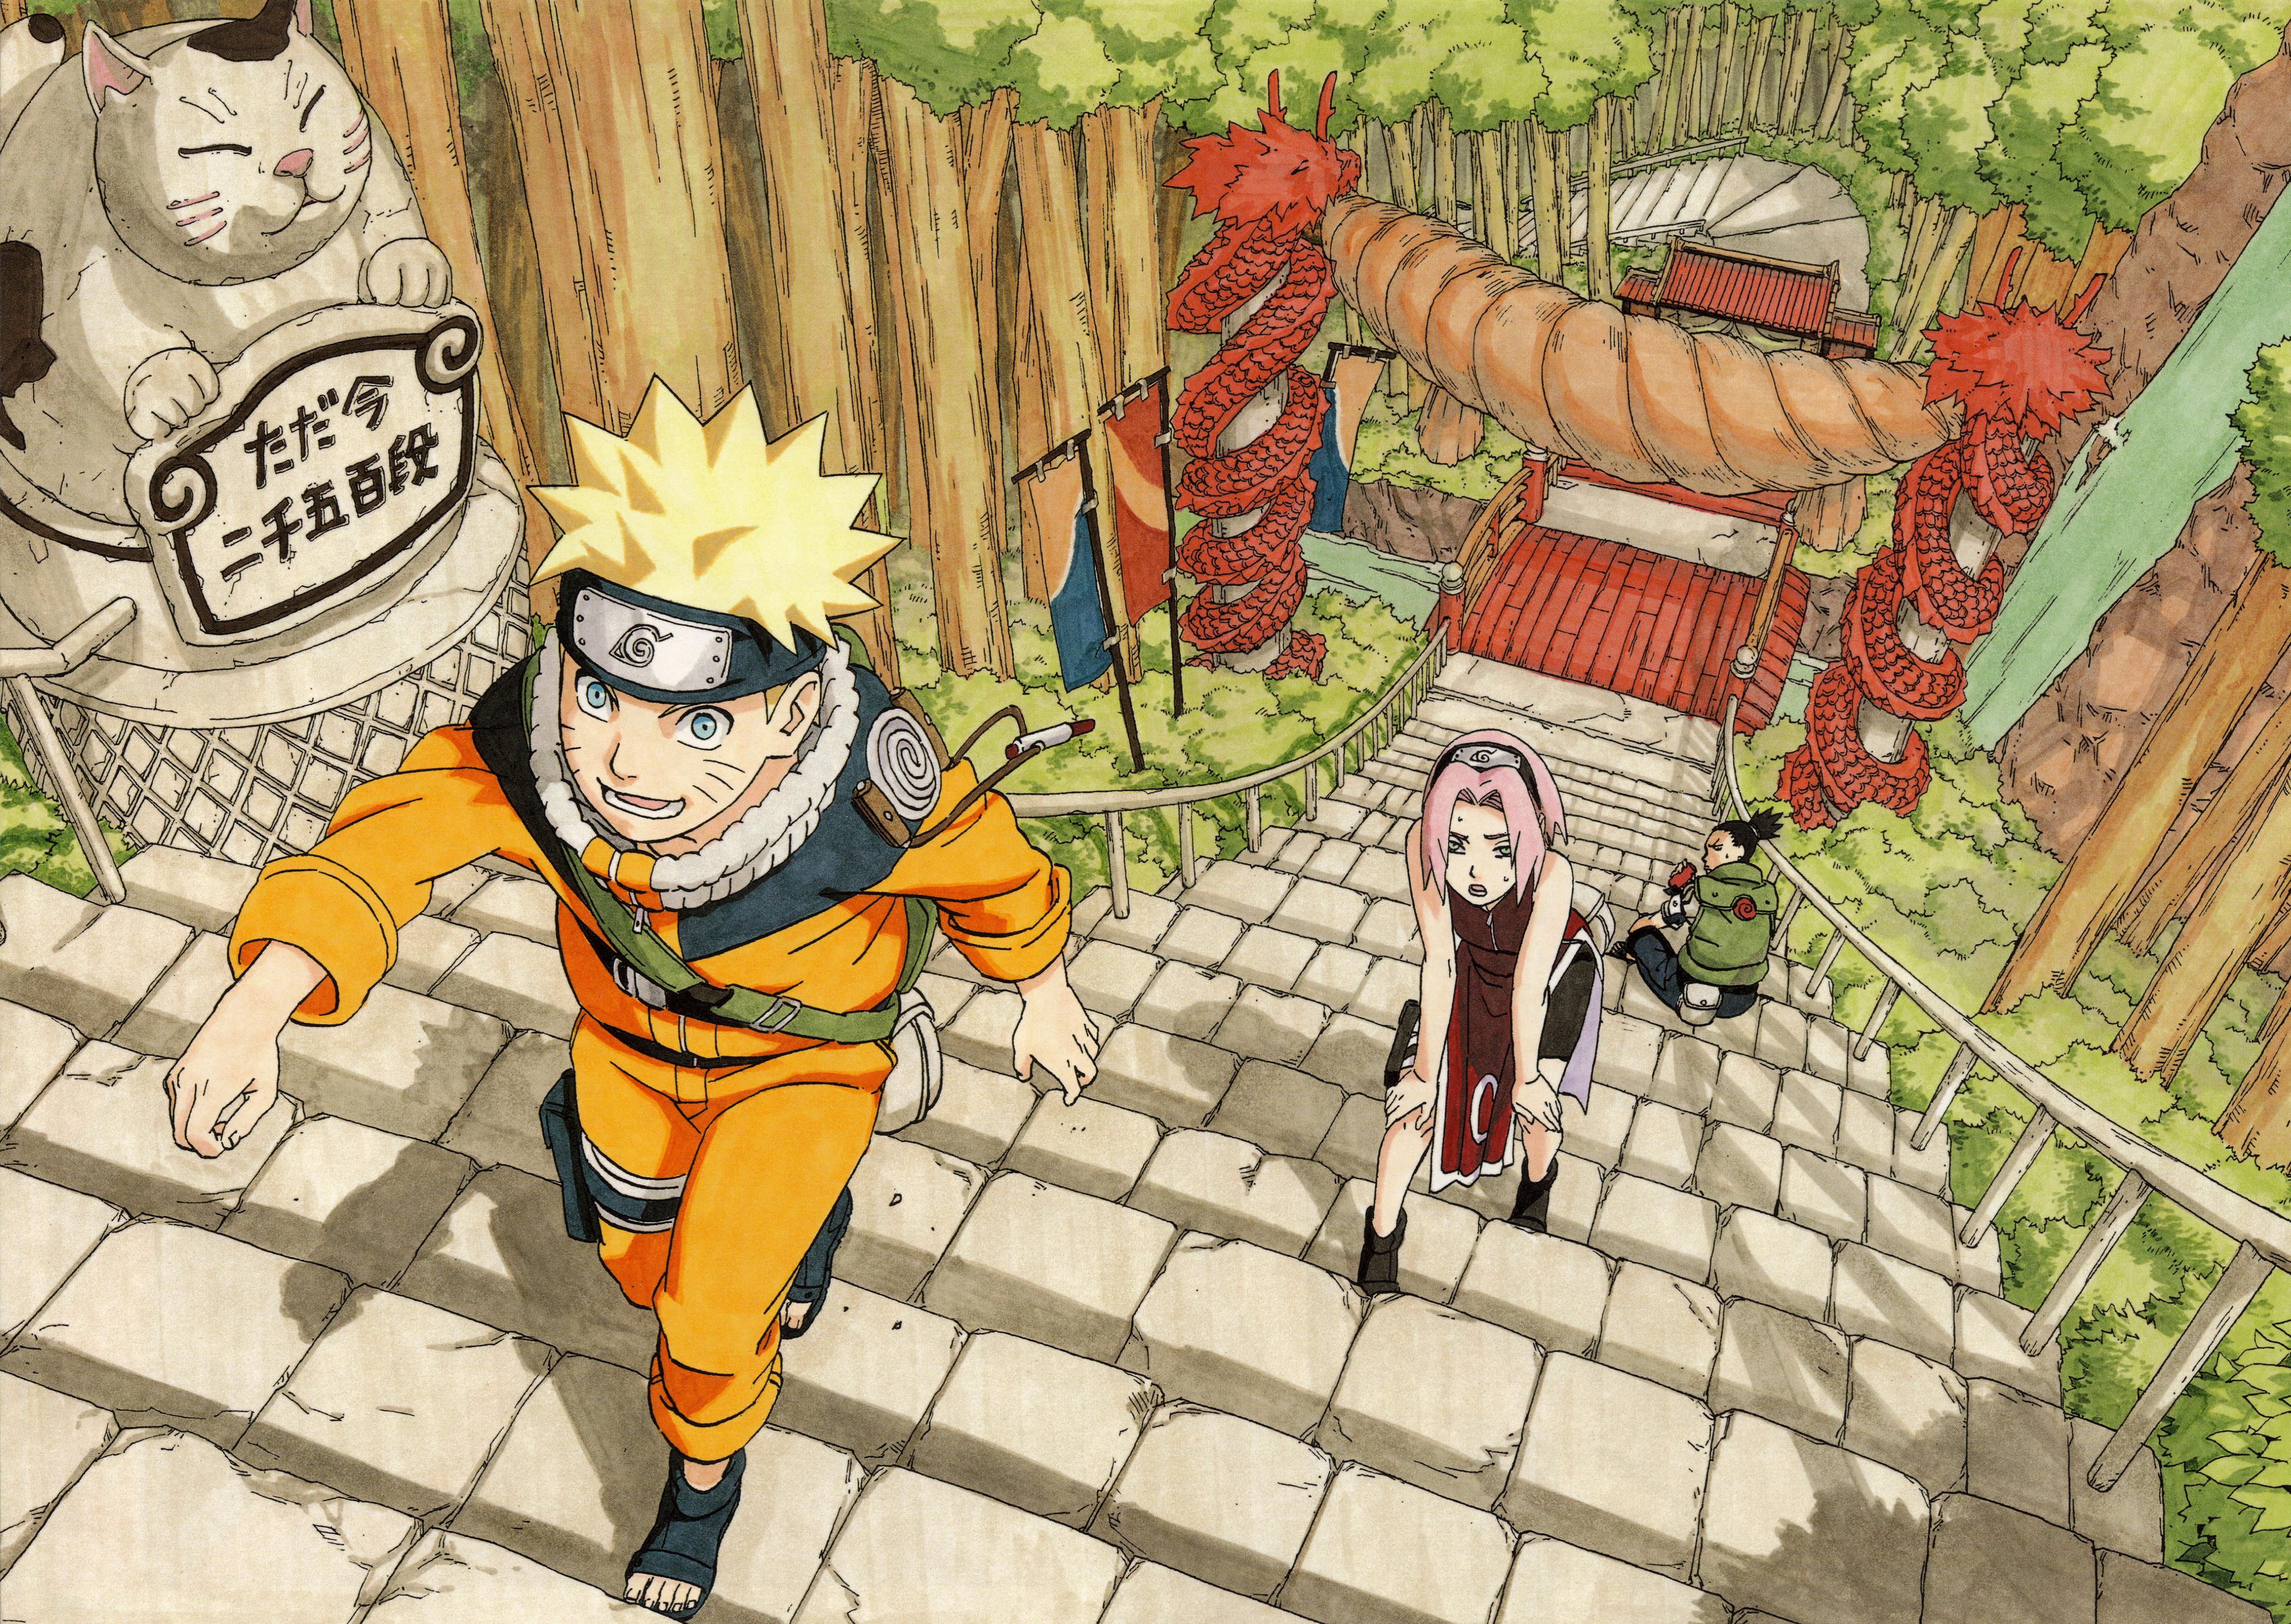 Must see Wallpaper Naruto Art - Naruto-Shippuuden-Masashi-Kishimoto-Uzumaki-Naruto-Haruno-Sakura-Nara-Shikamaru-artwork-illustration-1200479  Graphic_85948.jpg